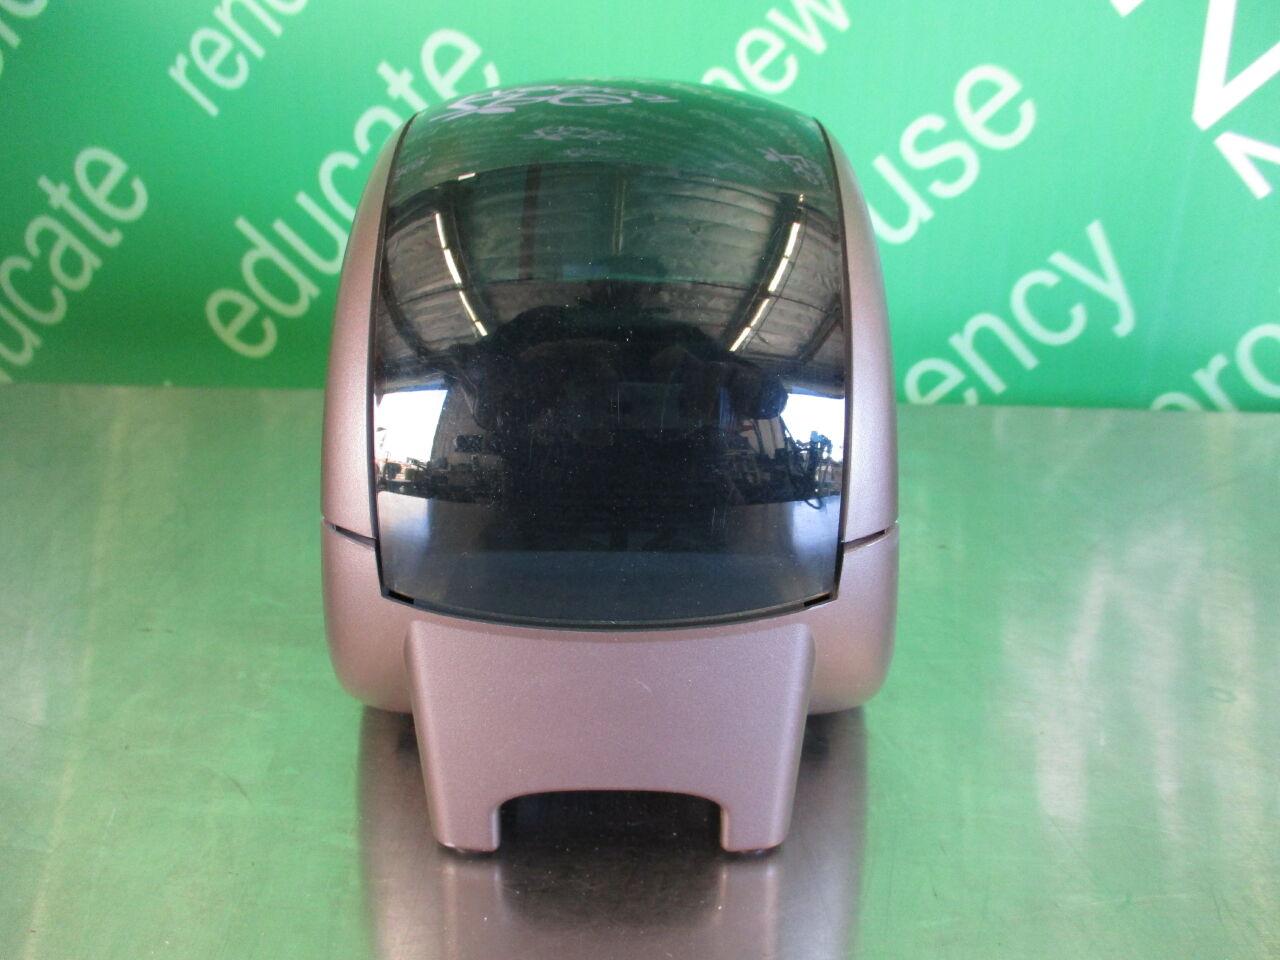 DYMO 93089 LABWRITER 450 Printer